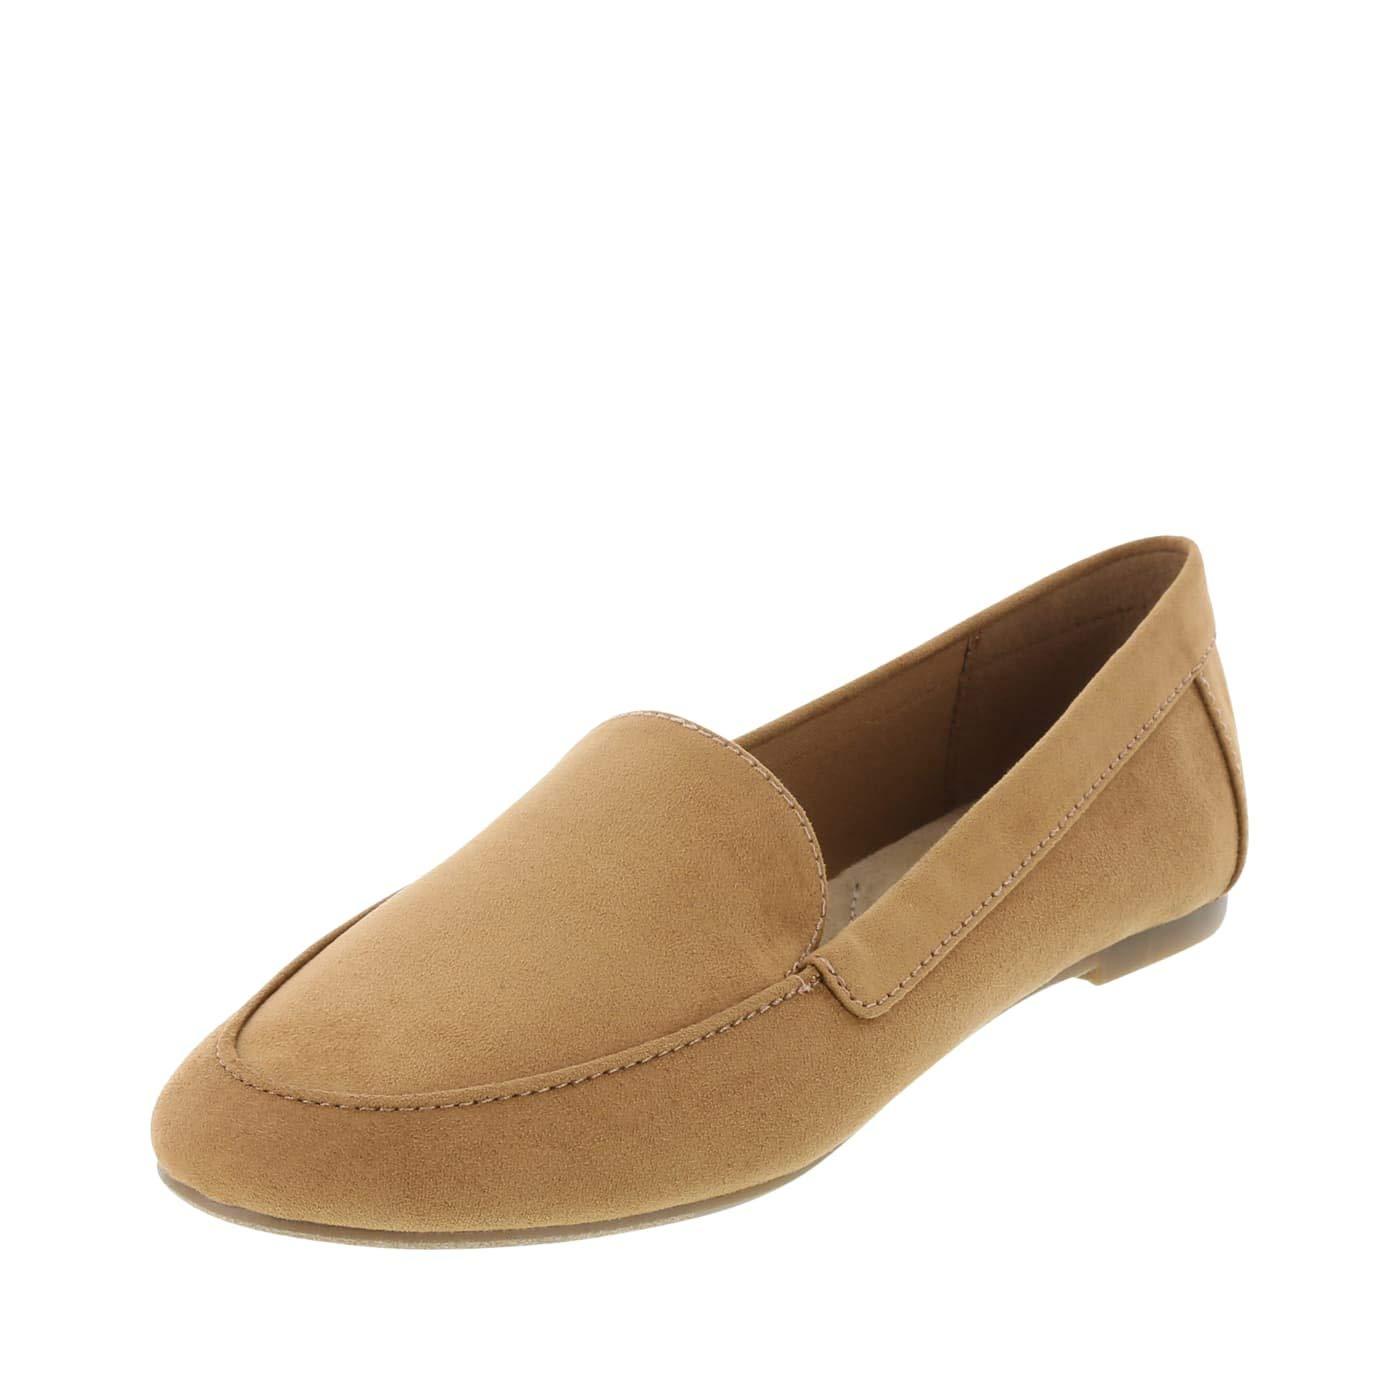 c4e67629d22 Dexflex Comfort Women s Barb Flex Loafer - Casual Women s Shoes